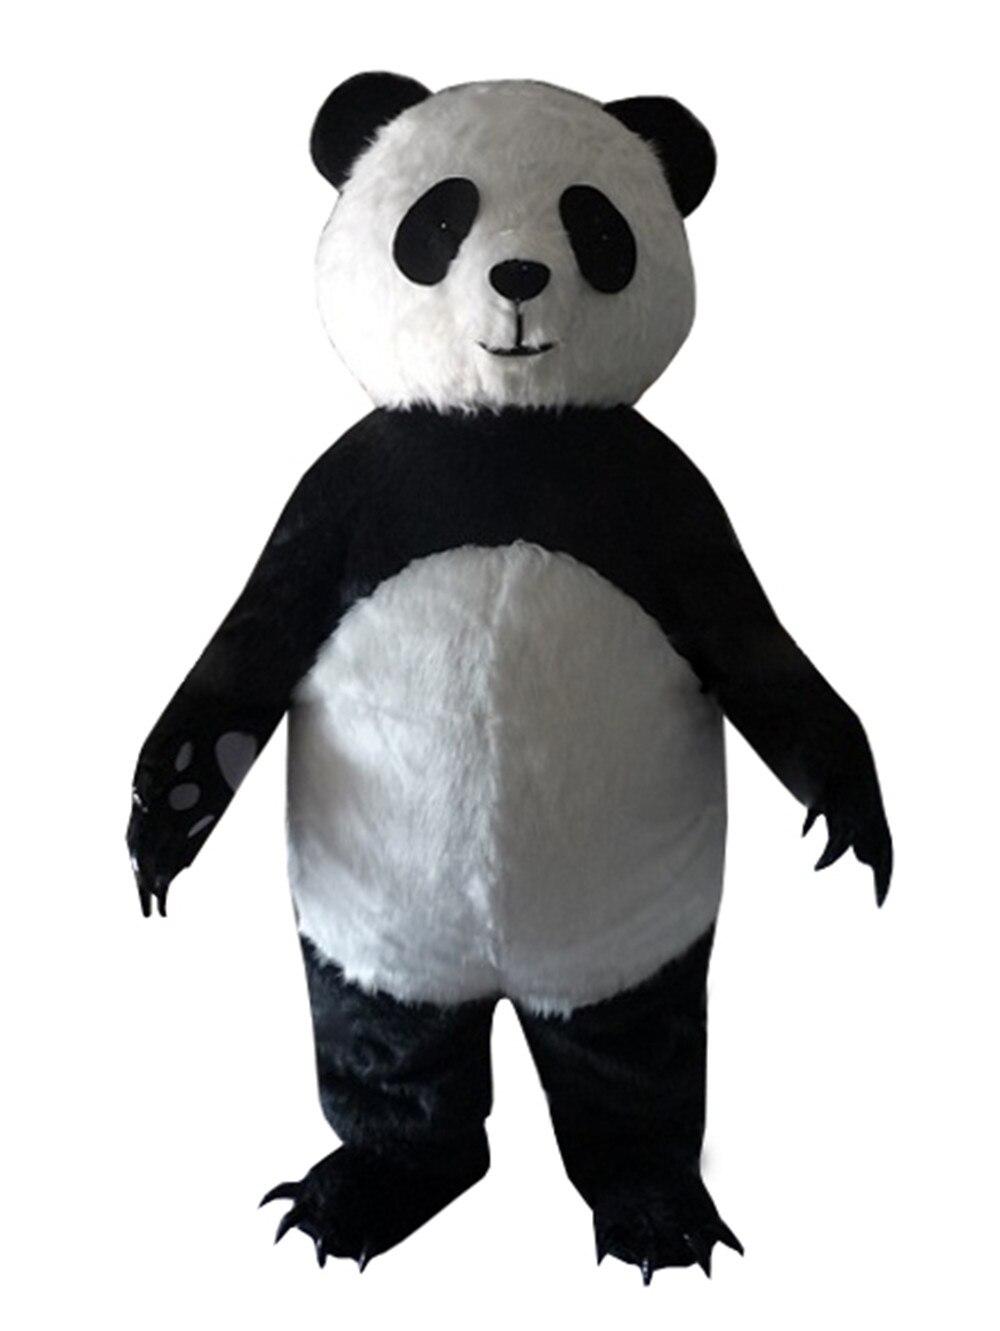 Adulte taille nouvelle version chinois géant Panda mascotte costume noël mascotte costume livraison gratuite